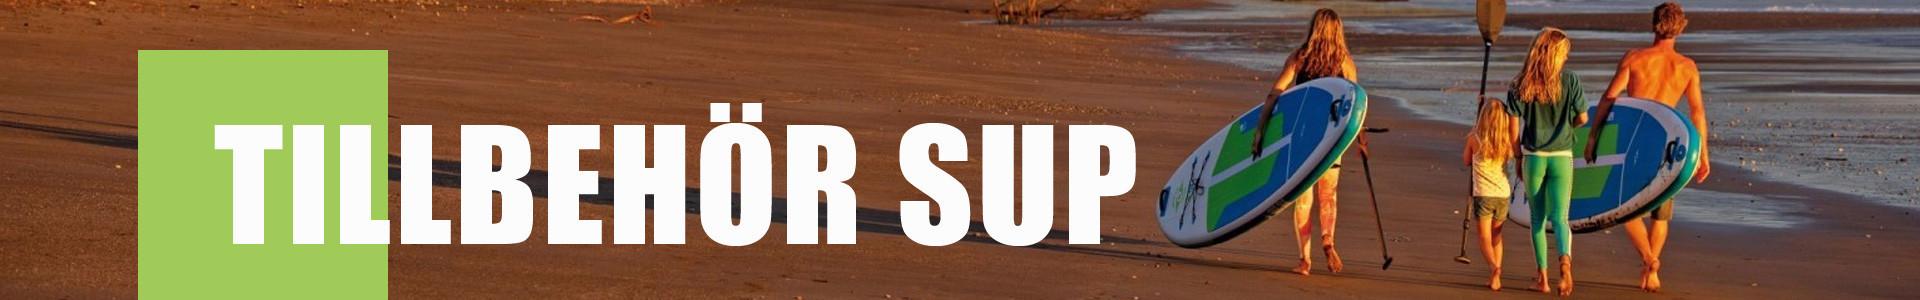 Tillbehör SUP